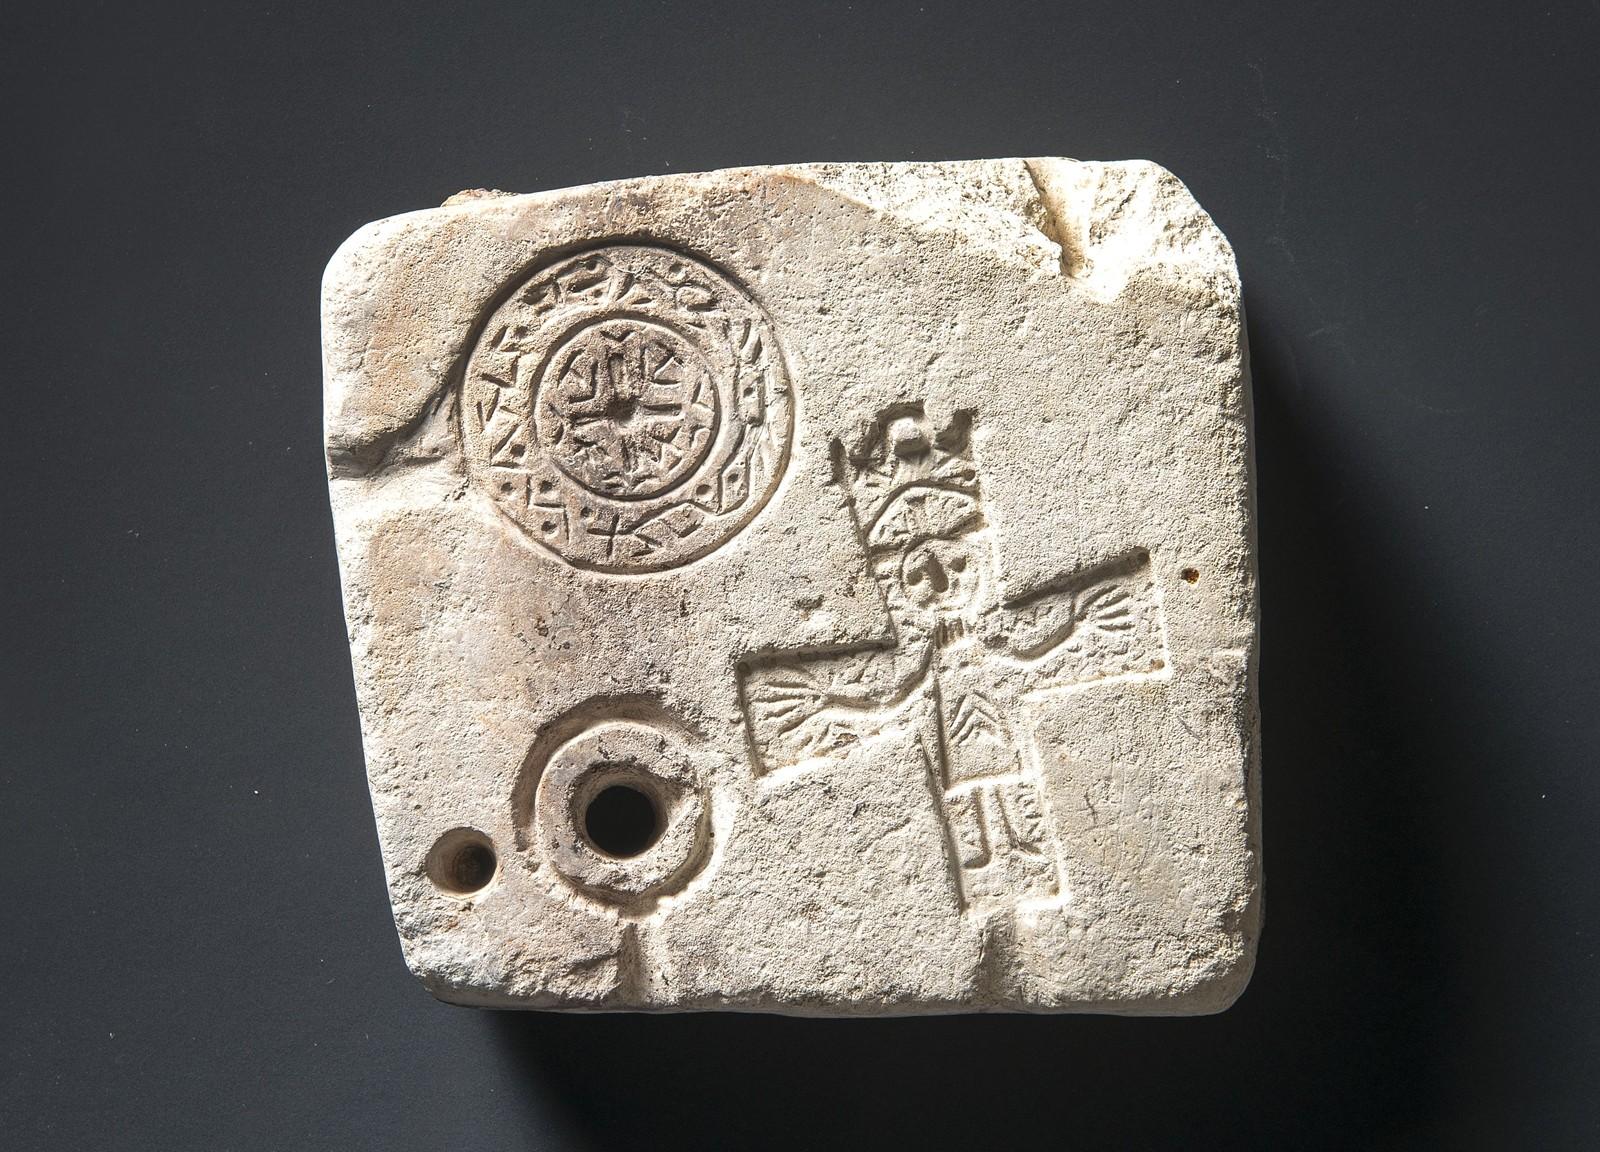 Archäologische Ausgrabungen bei Sennhof-Gefängnis